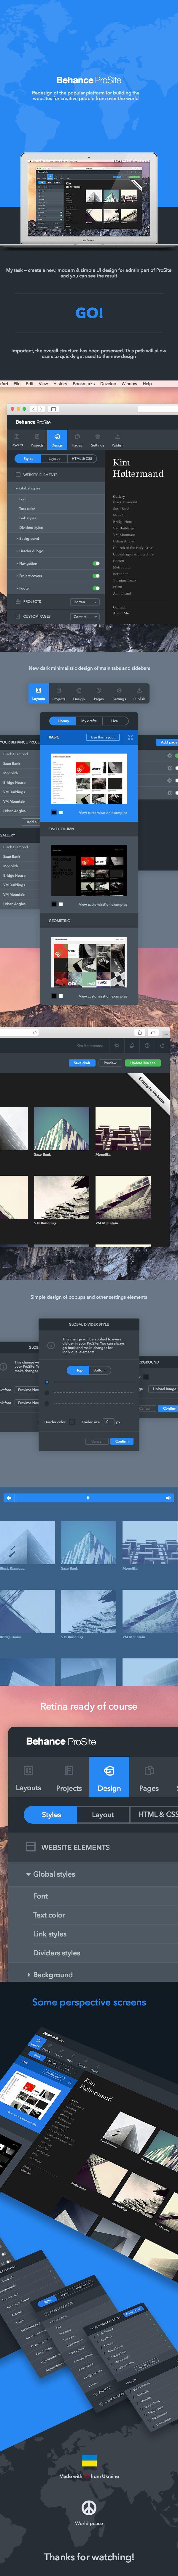 Behance ProSite on Web Design Served